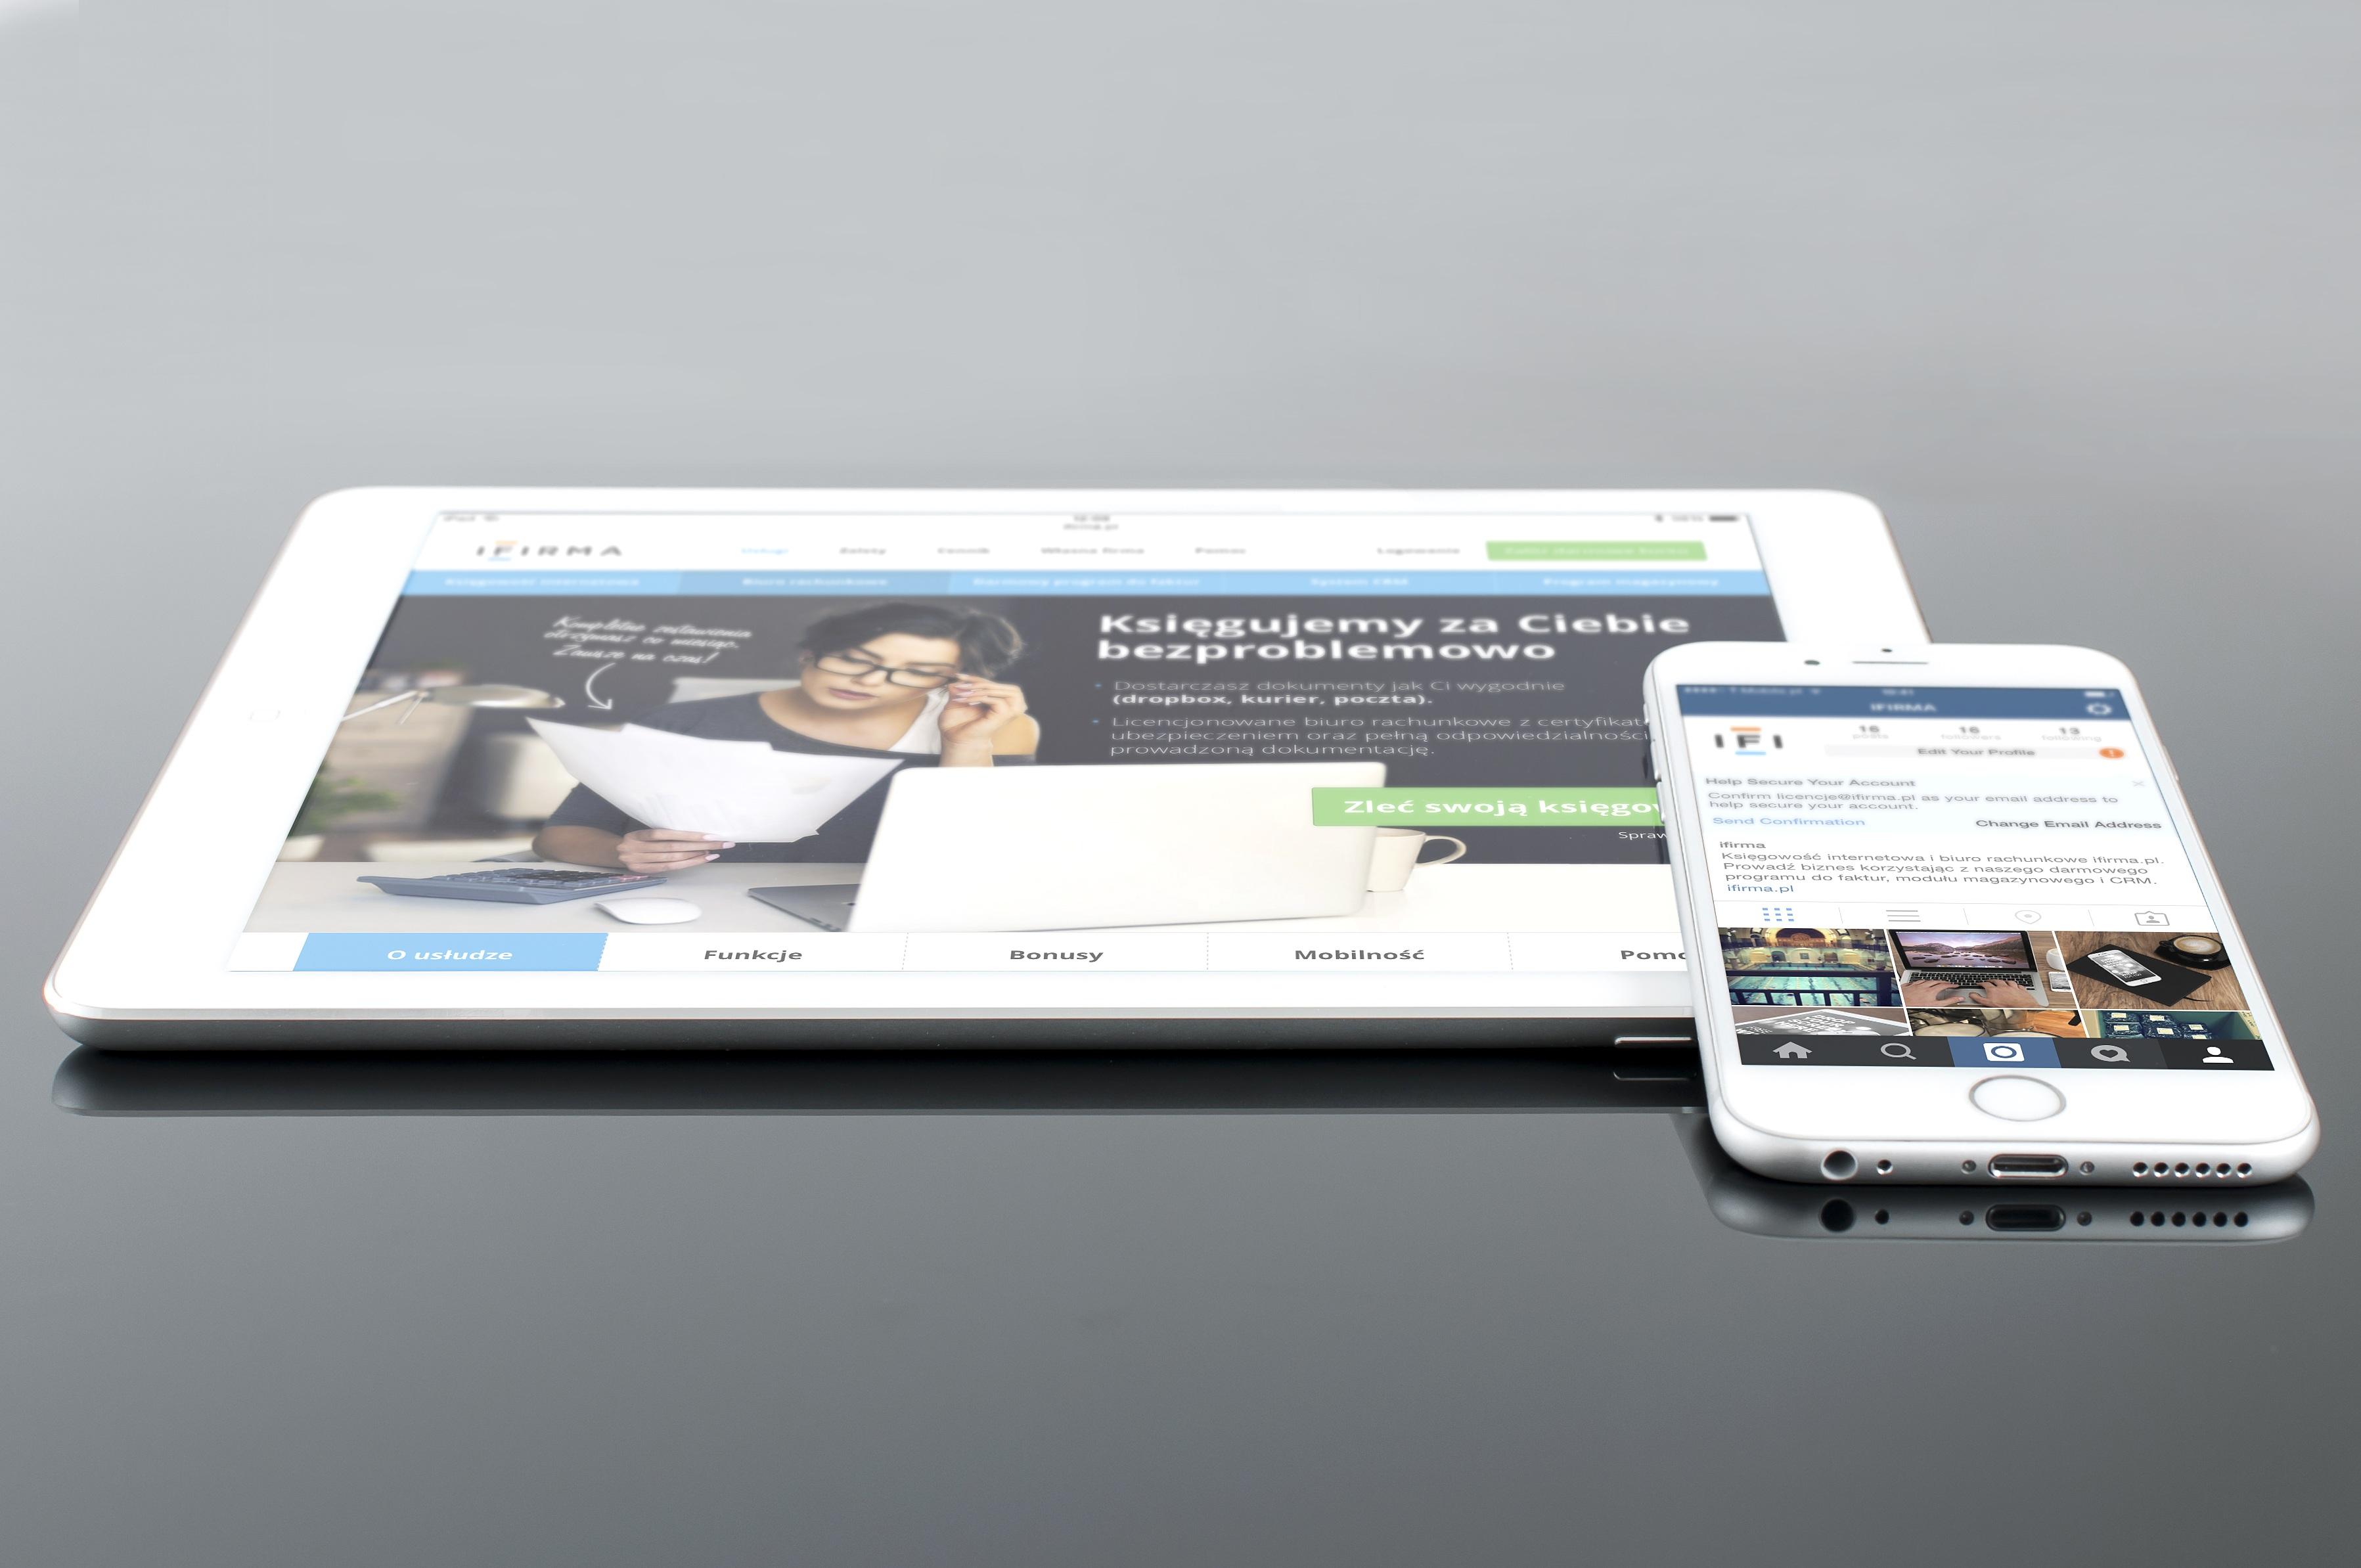 Gestão de correio eletrónico e pesquisa de informação na web